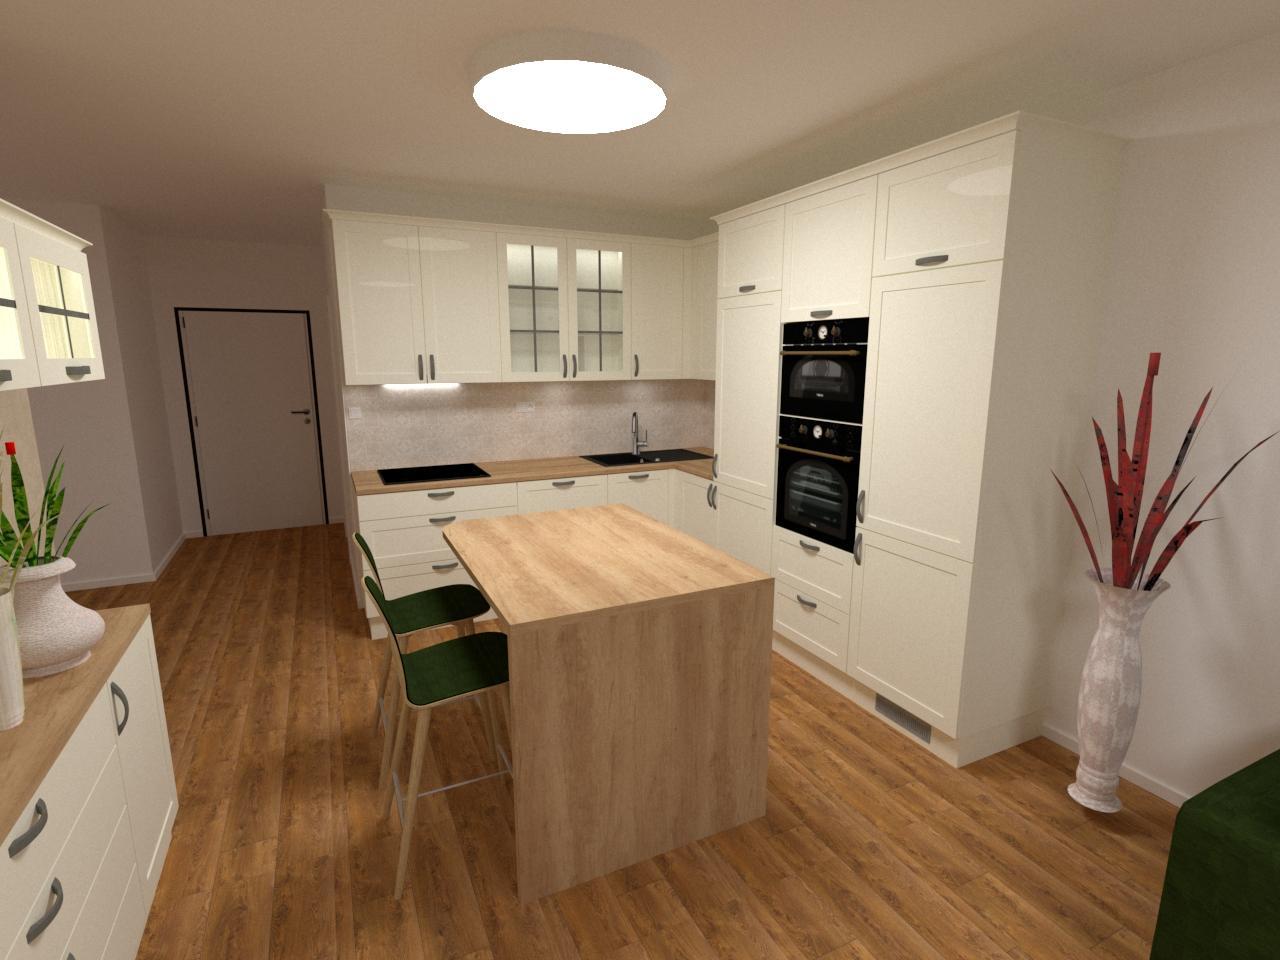 Grafické návrhy kuchynských liniek 2020 - Grafický návrh kuchynskej linky v bytovej novostavbe vo vidieckom štýle - obr.1